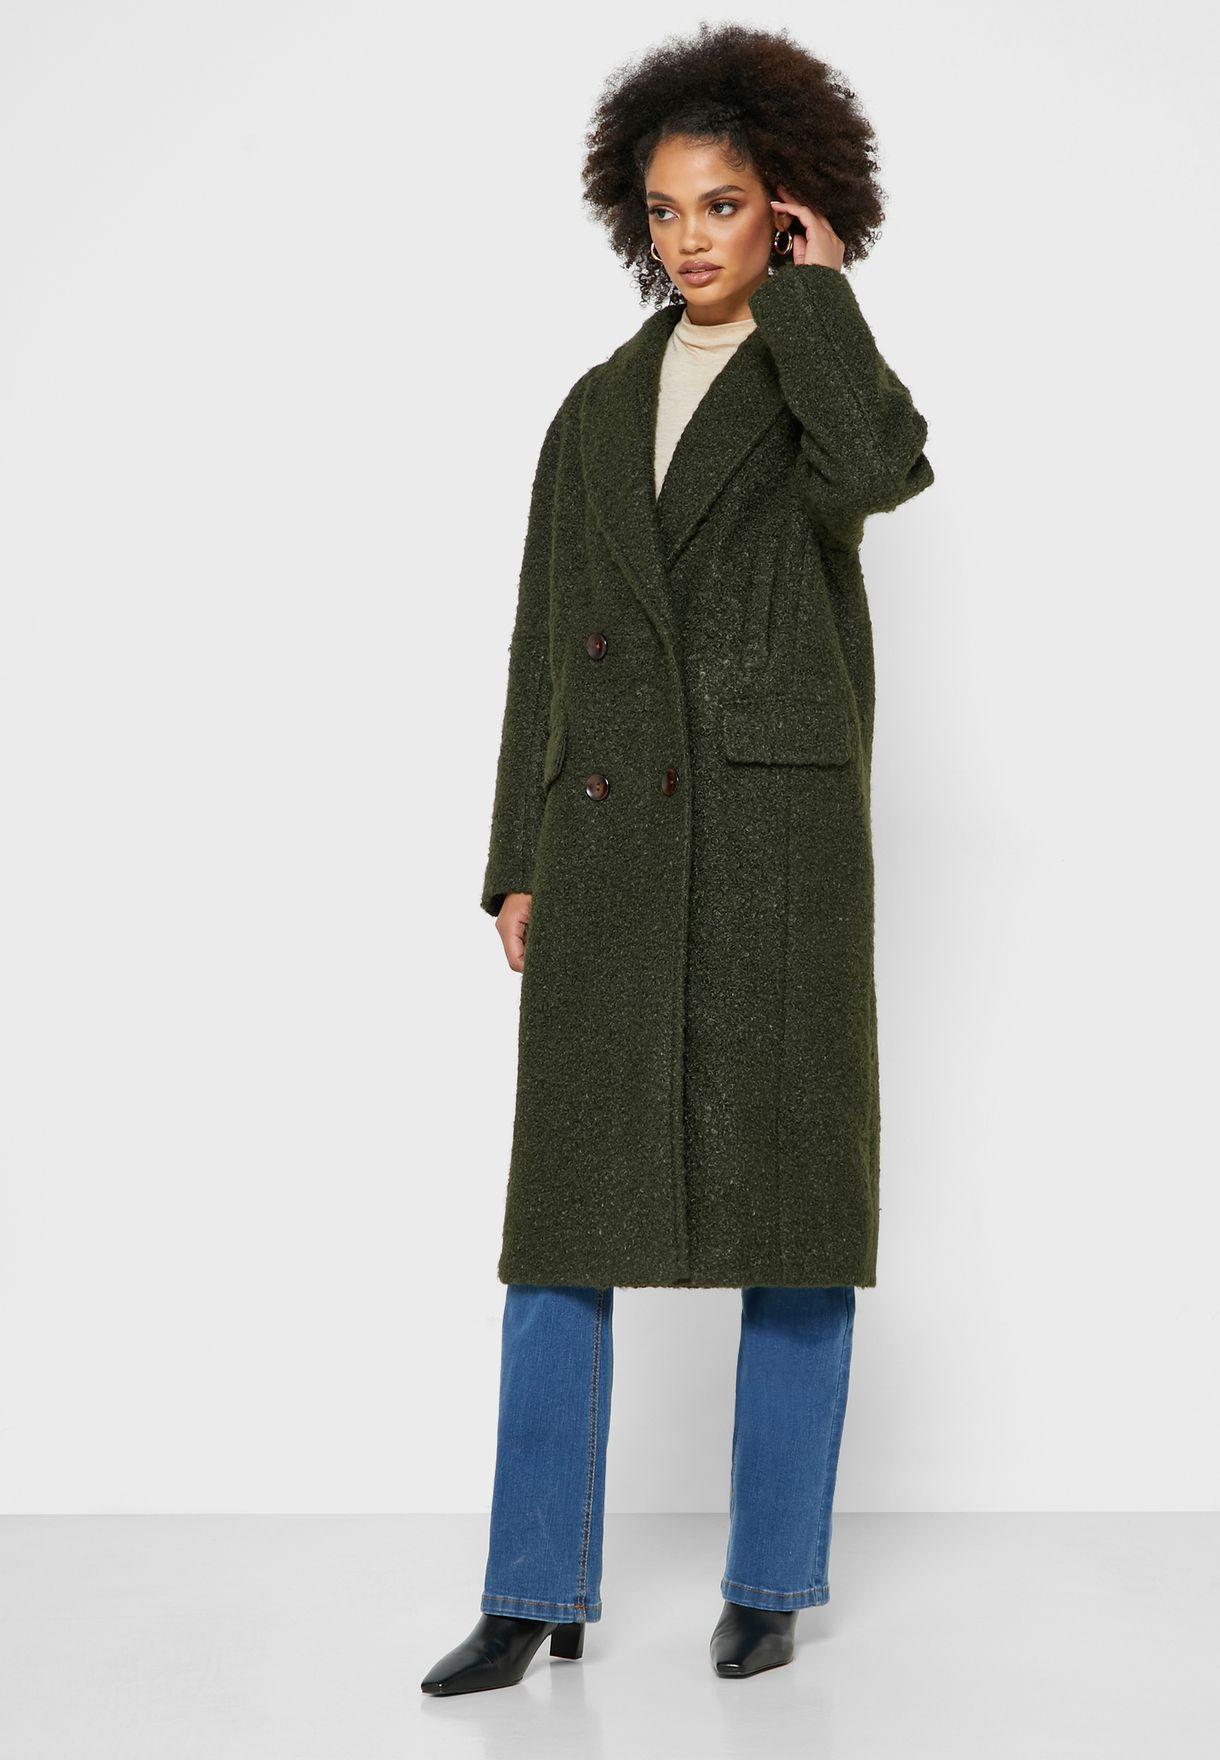 معطف طويل بأزرار مزدوجة